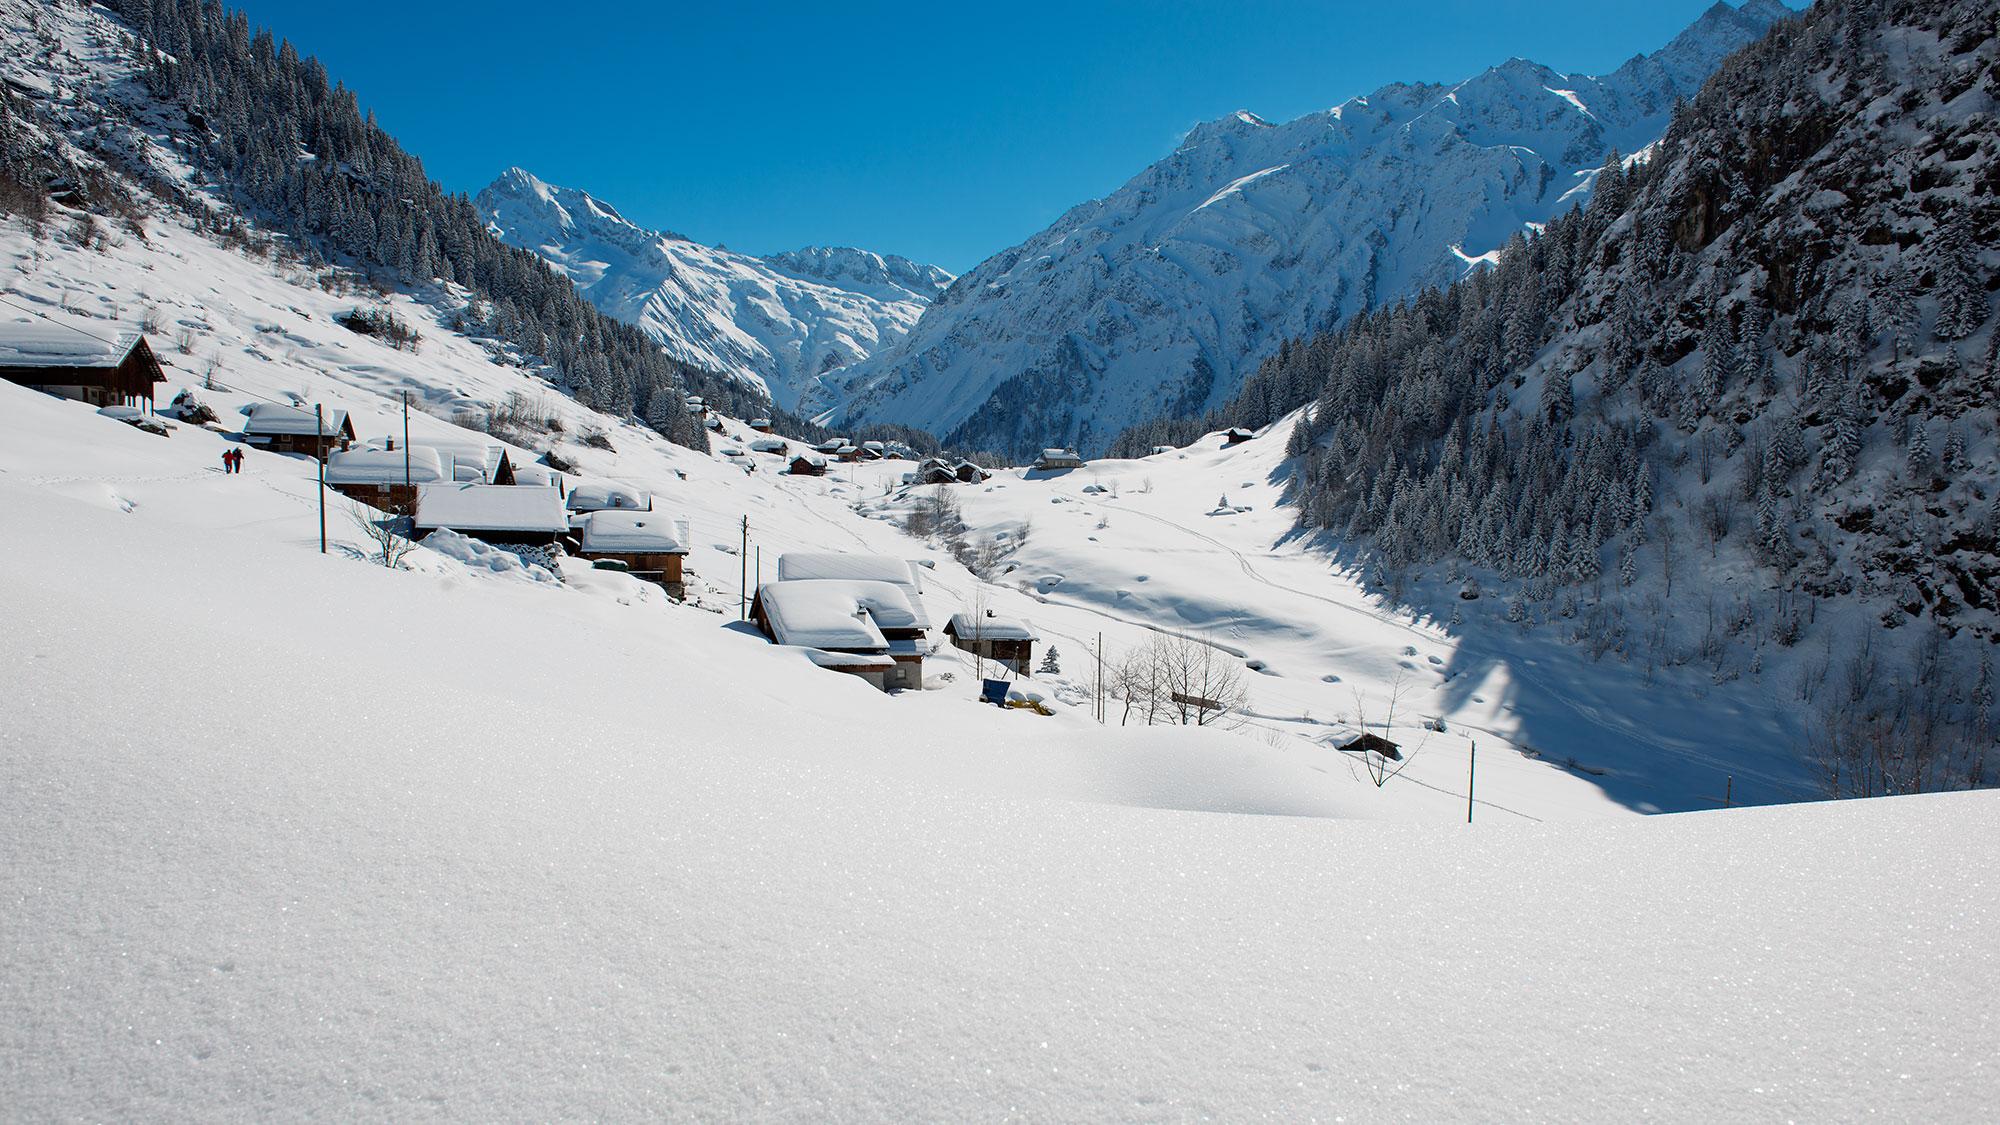 Golzeren Alp, Canton Uri - Switzerland